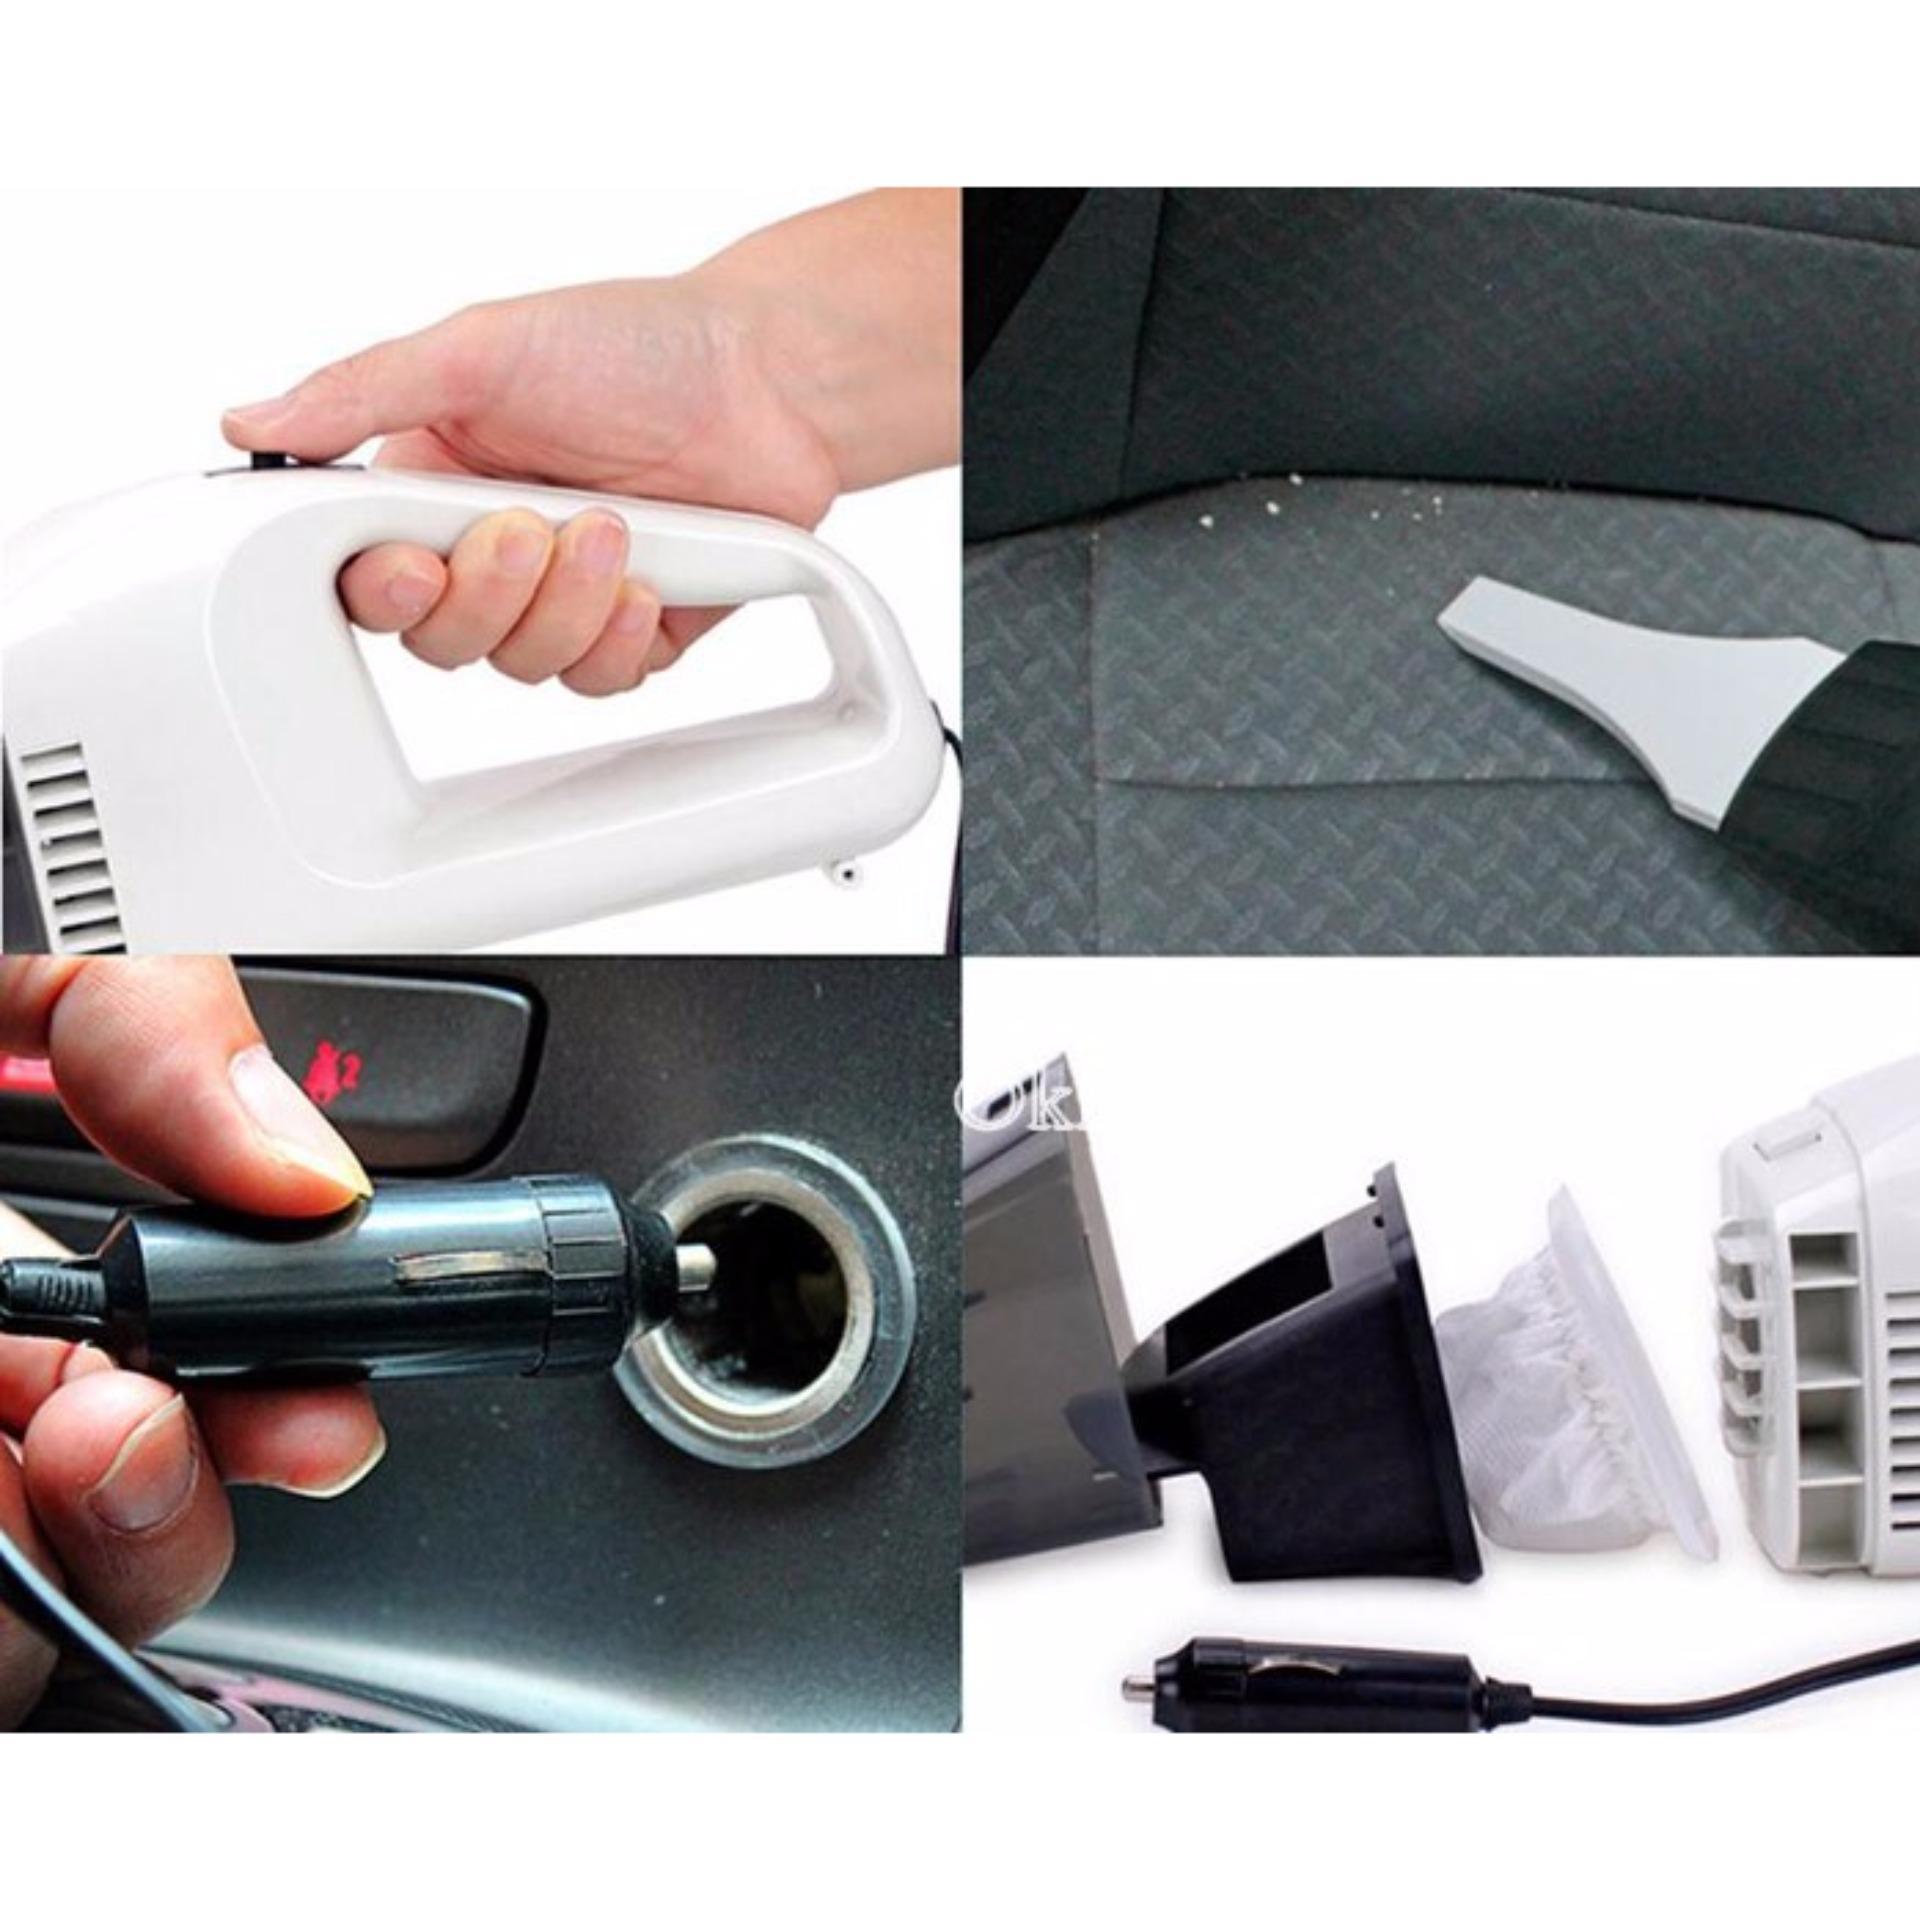 Máy hút bụi xe ô tô cầm tay Poptable + Tặng móc khoá huýt sao(Trắng phối đen)